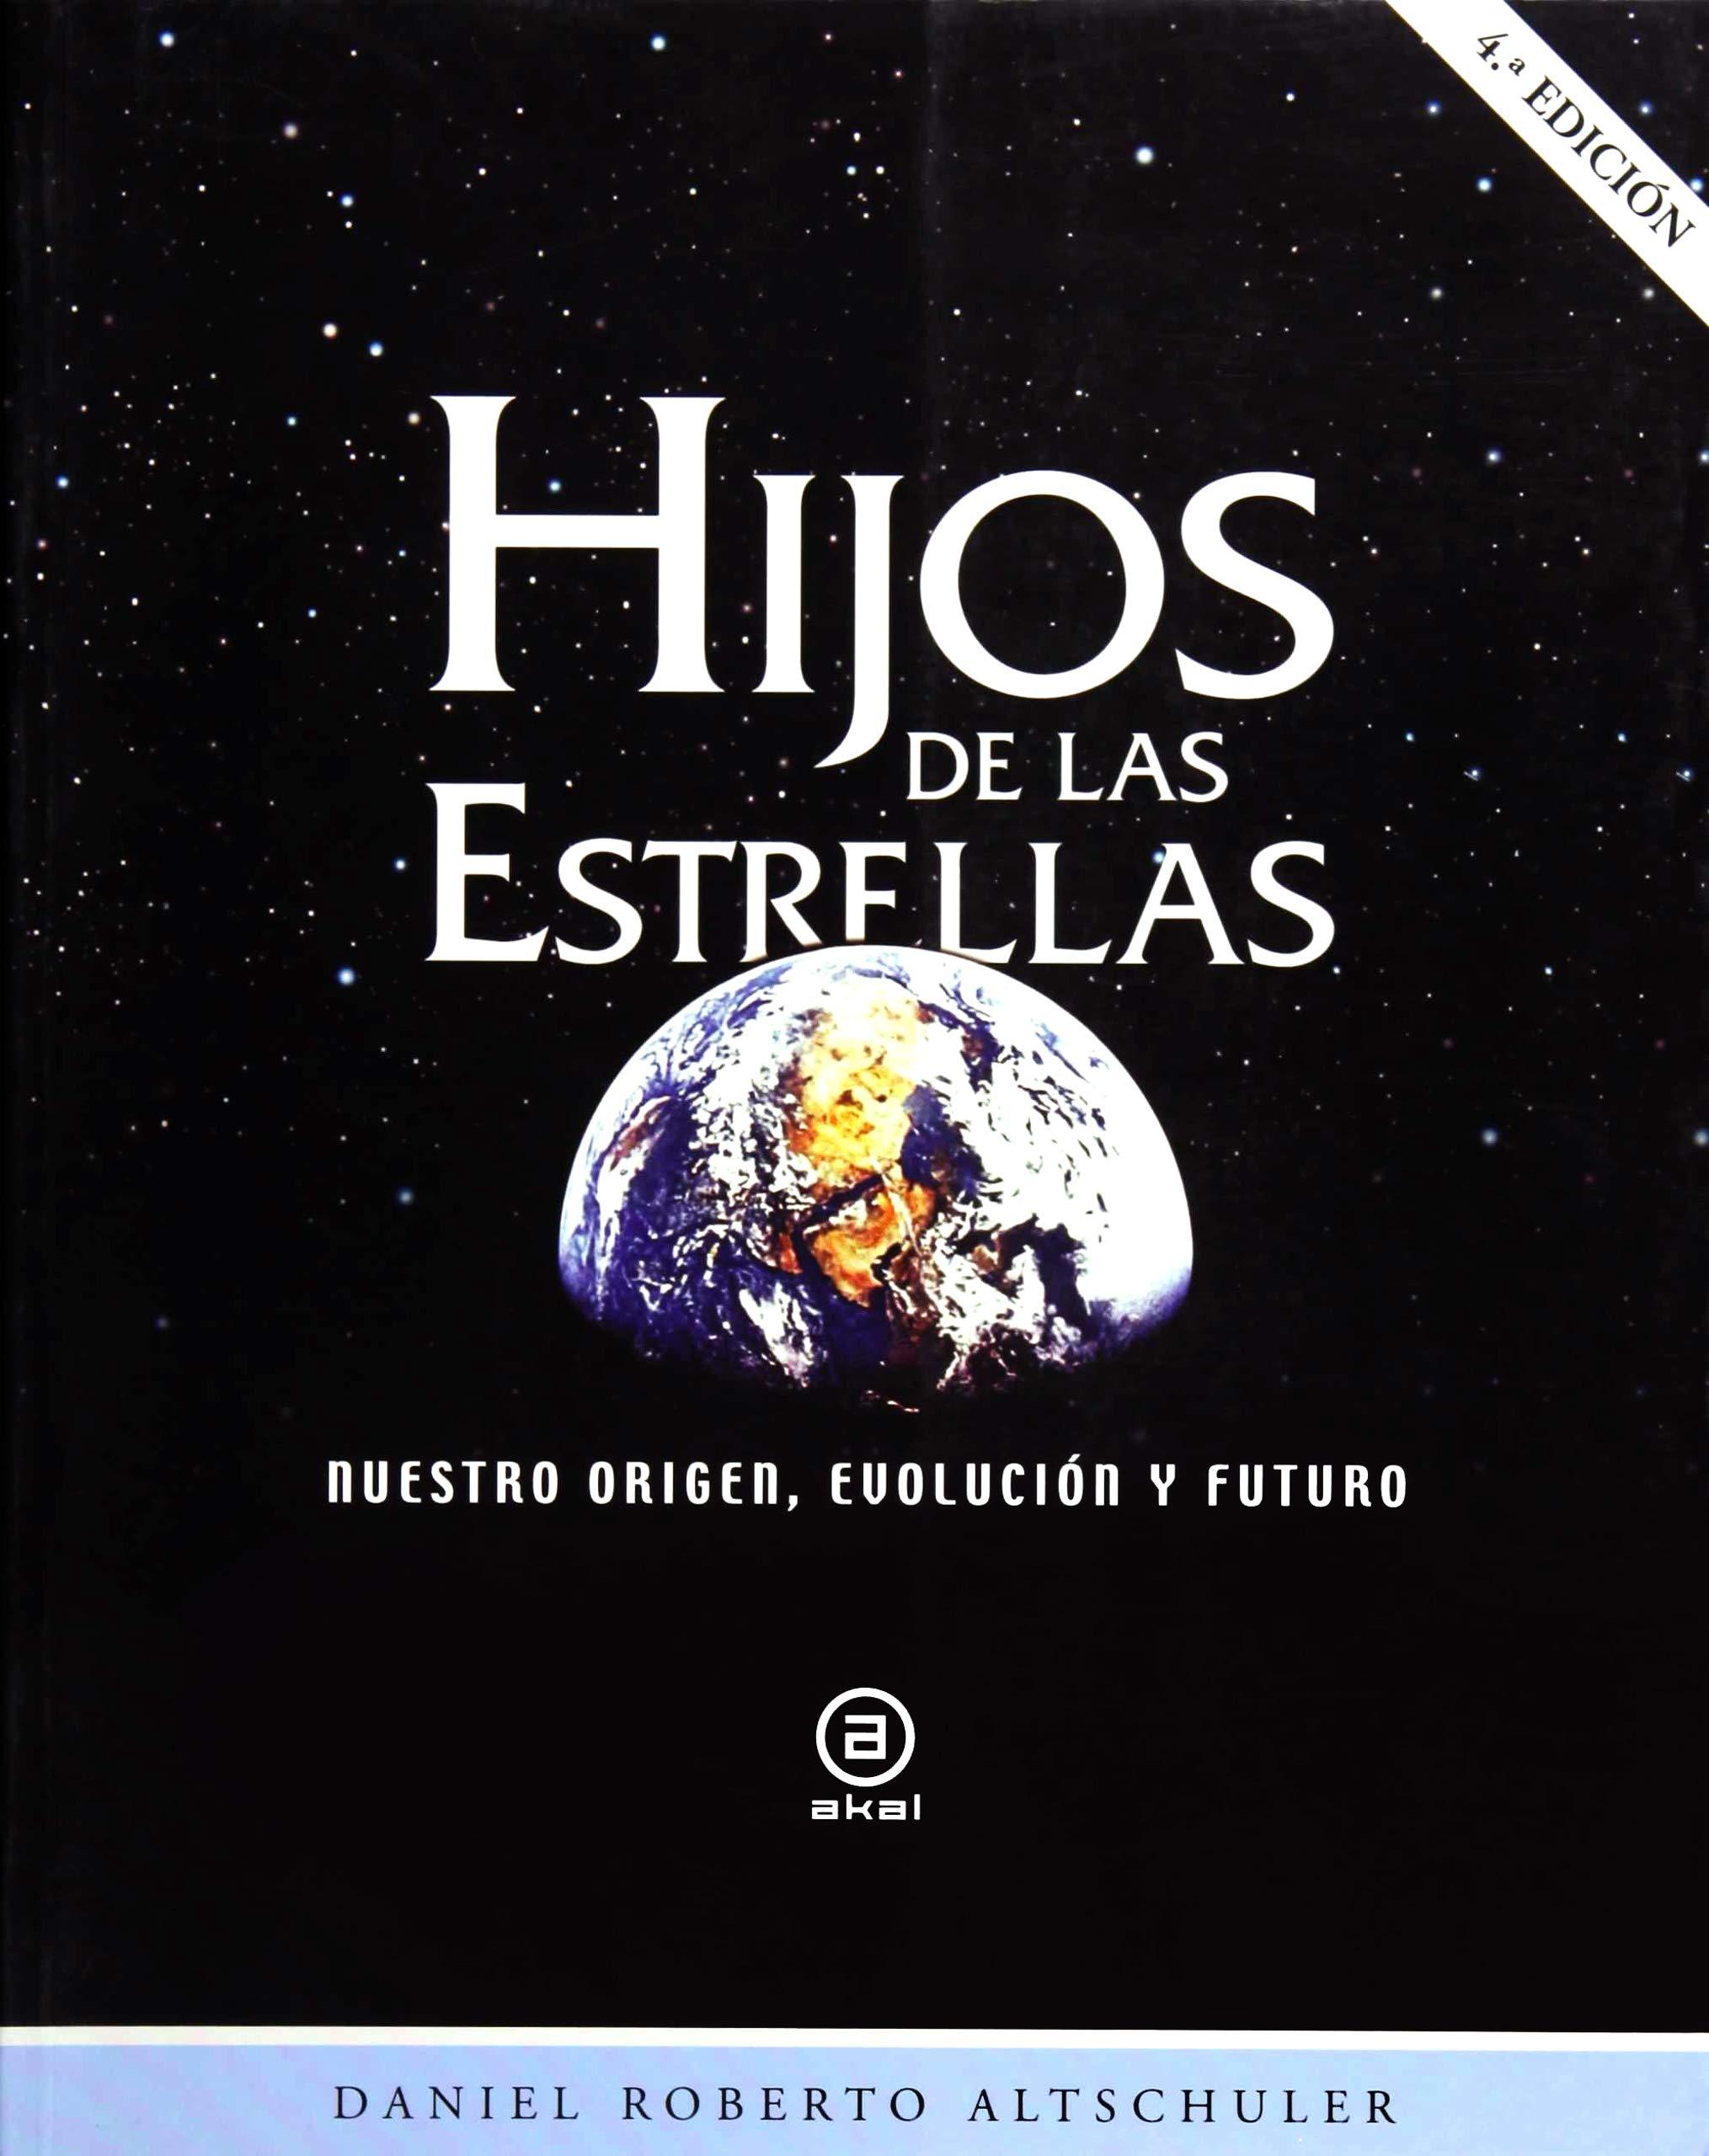 Hijos de las estrellas. Nuestro origen, evolución y futuro: 34 Astronomía: Amazon.es: Altschuler, Daniel Roberto, Otero-Piñeiro, Dulcinea: Libros